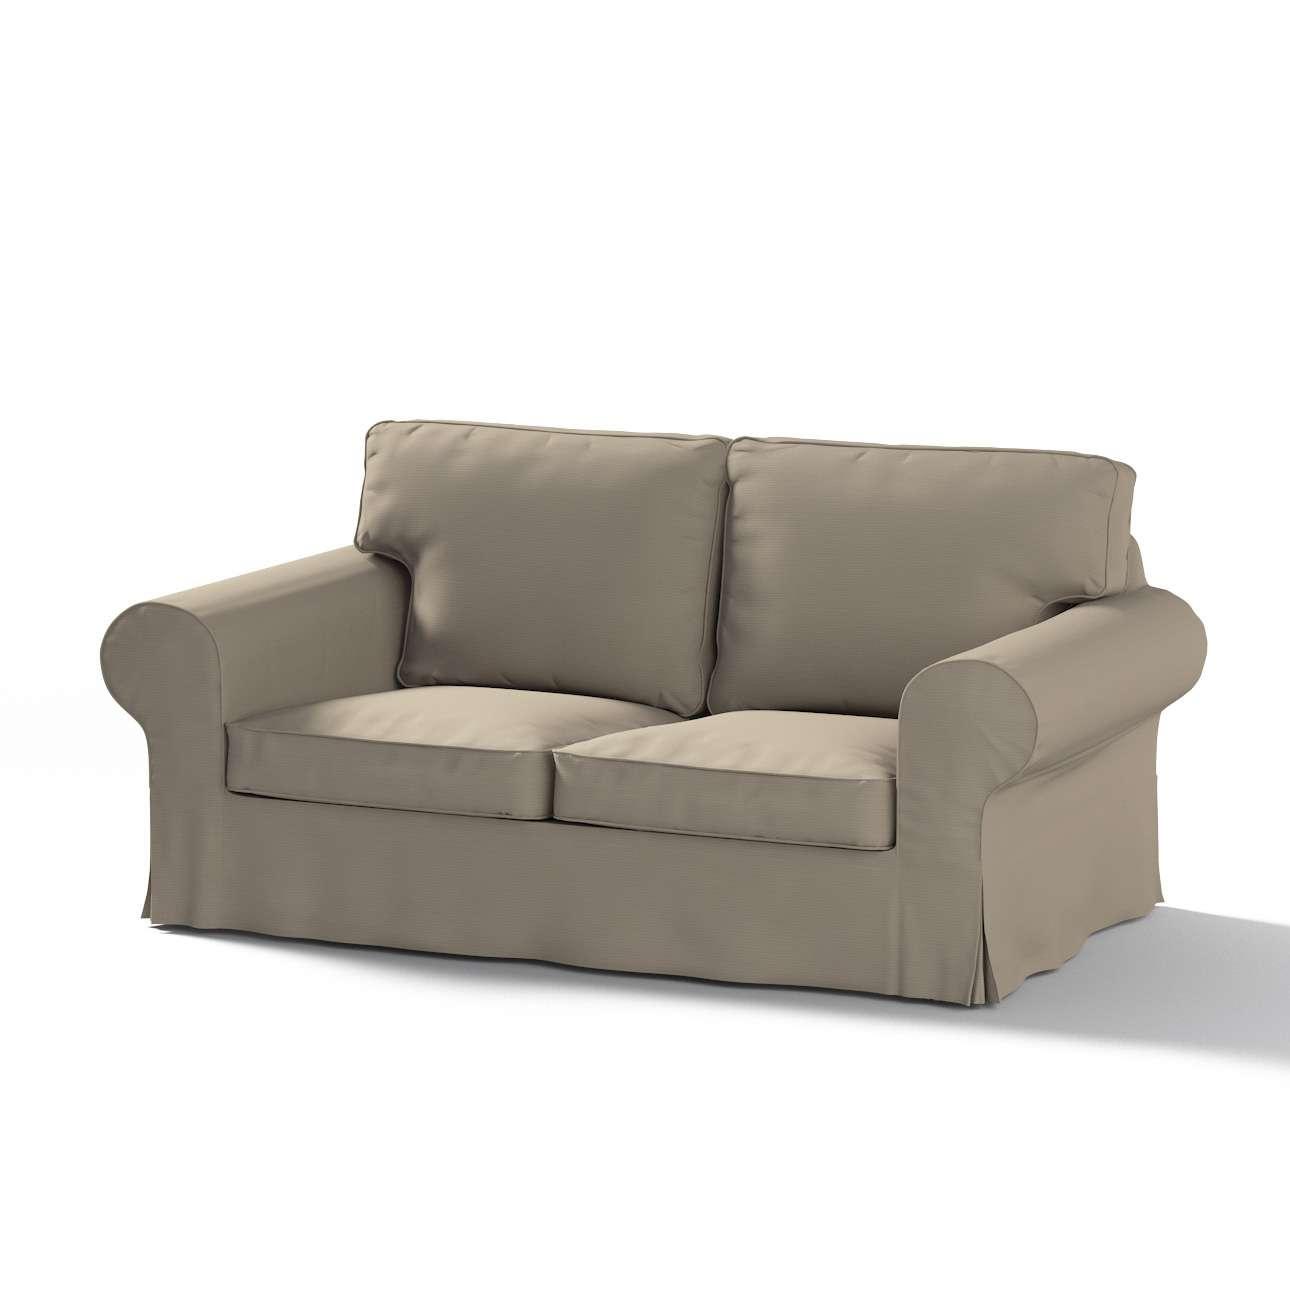 Potah na pohovku IKEA Ektorp 2-místná rozkládací  NOVÝ MODEL 2012 Ektorp 2012 v kolekci Cotton Panama, látka: 702-28